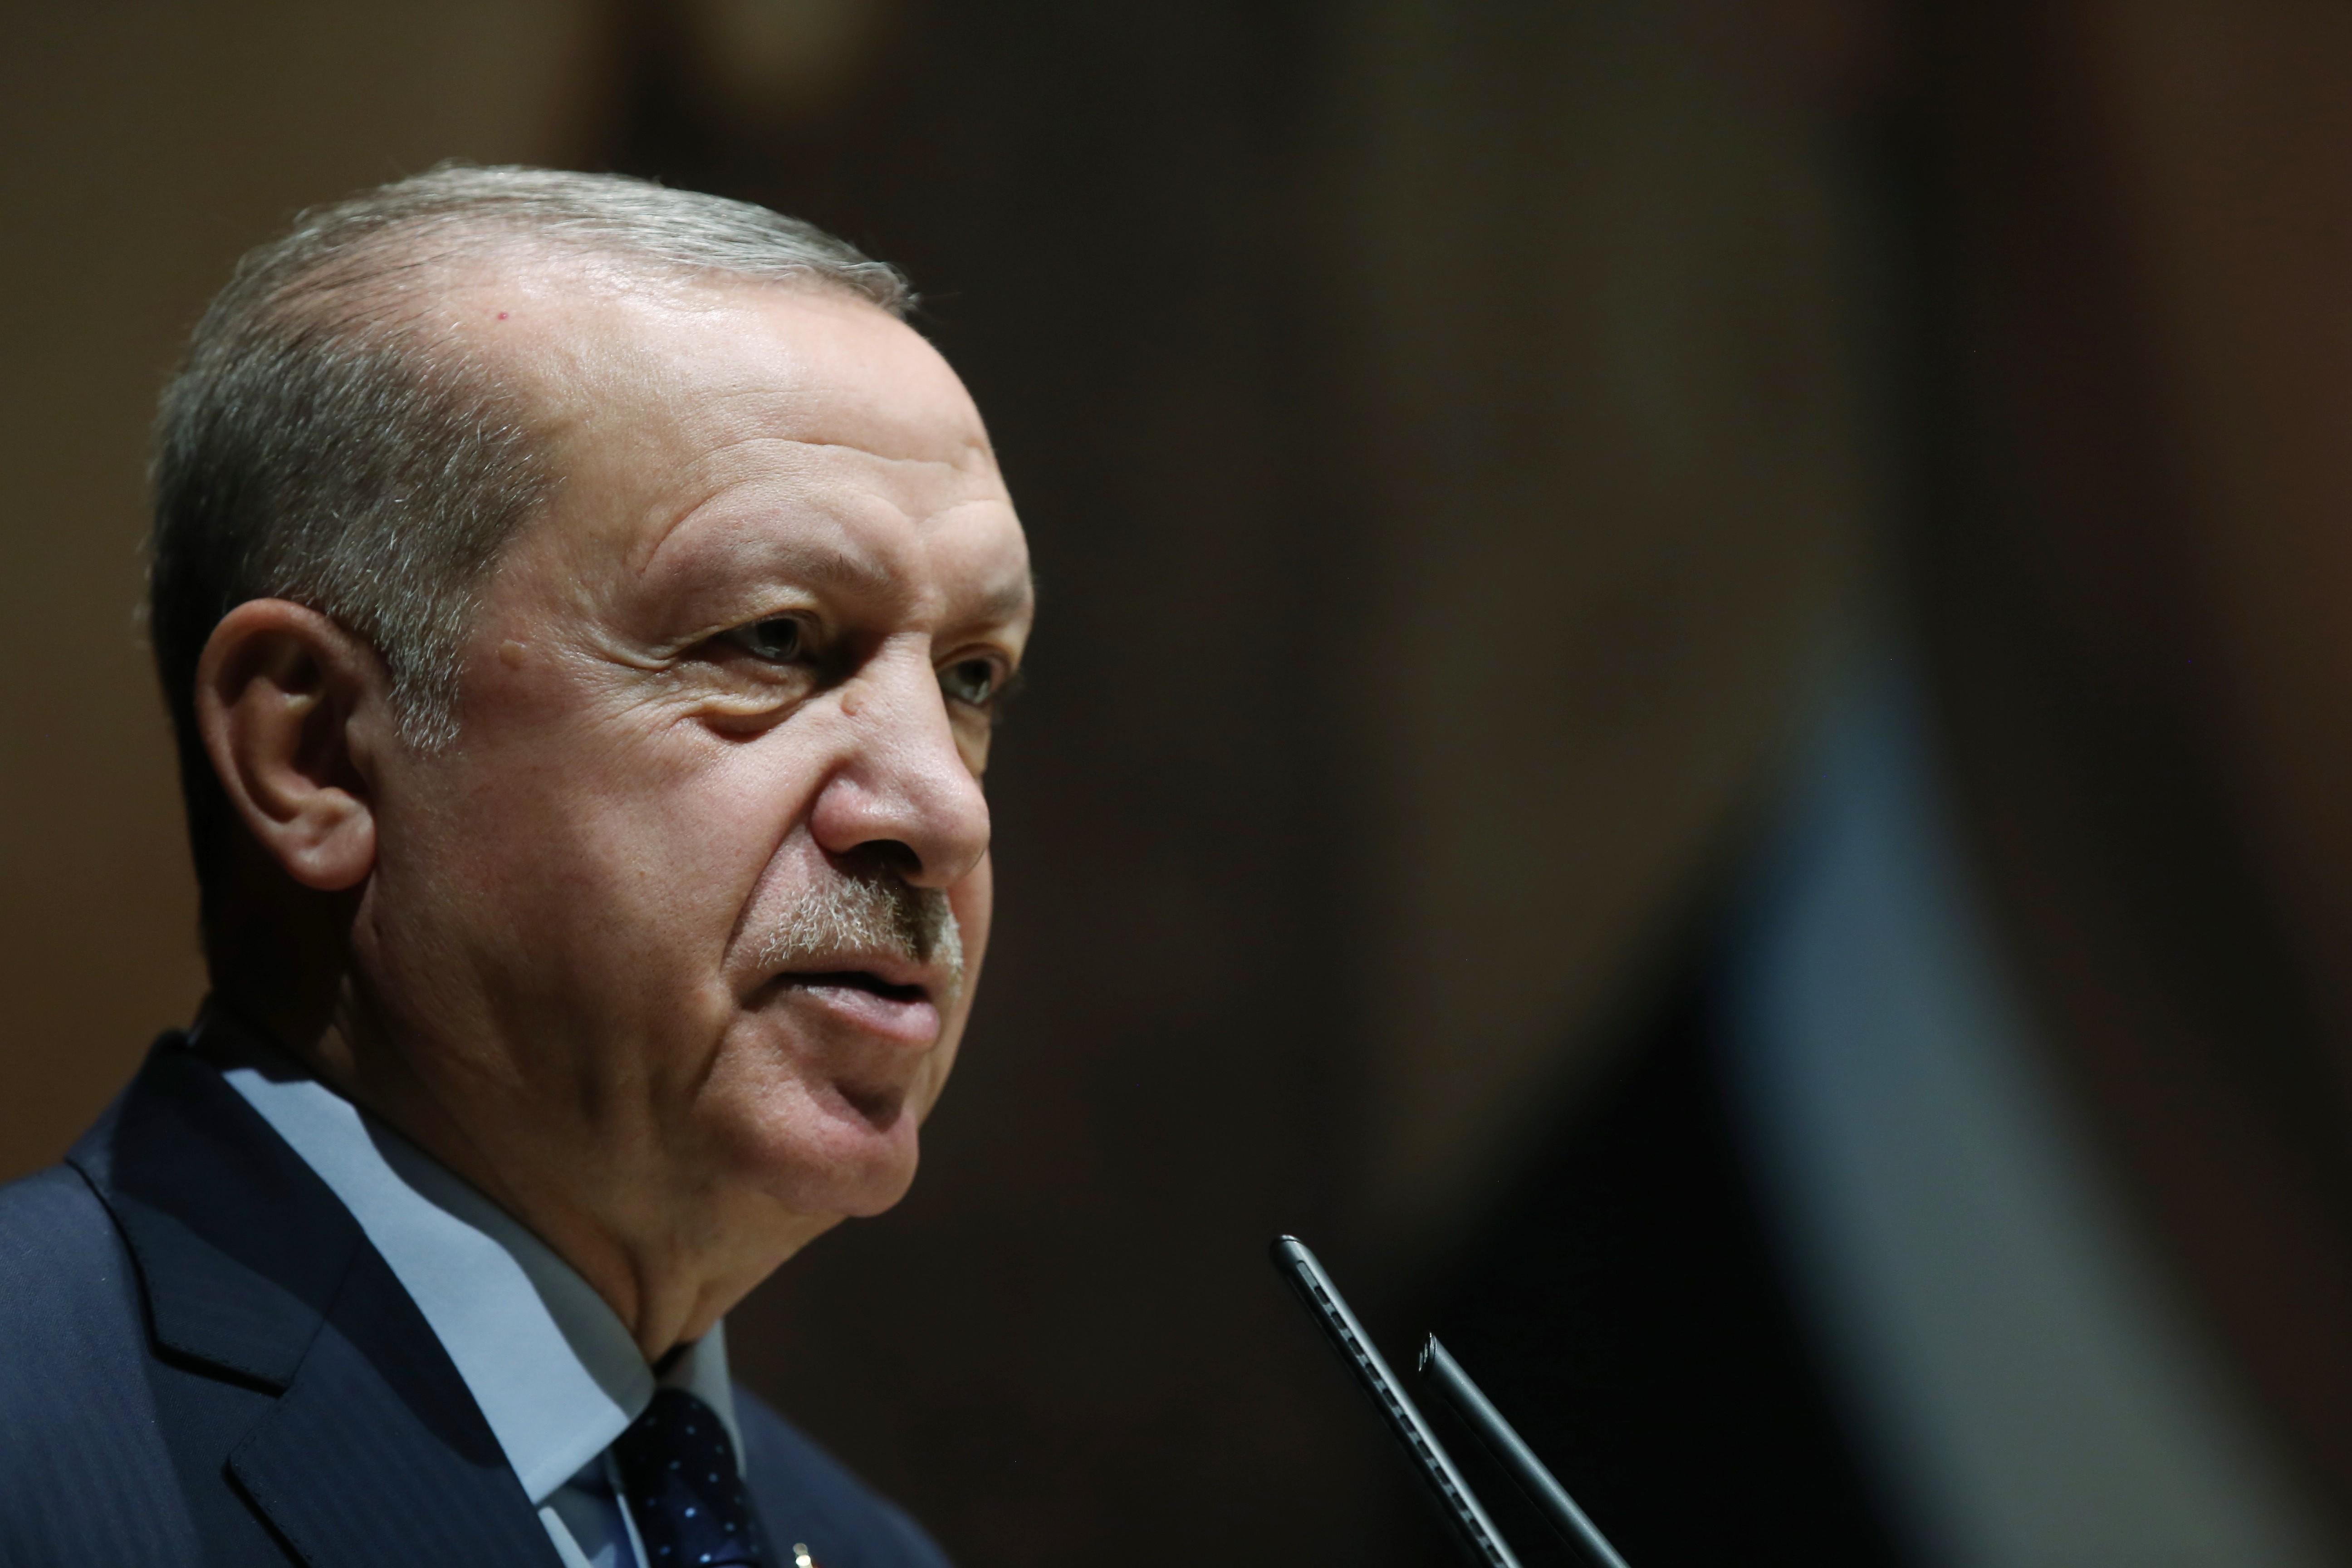 Cumhurbaşkanı Erdoğan'dan bez torba açıkalması